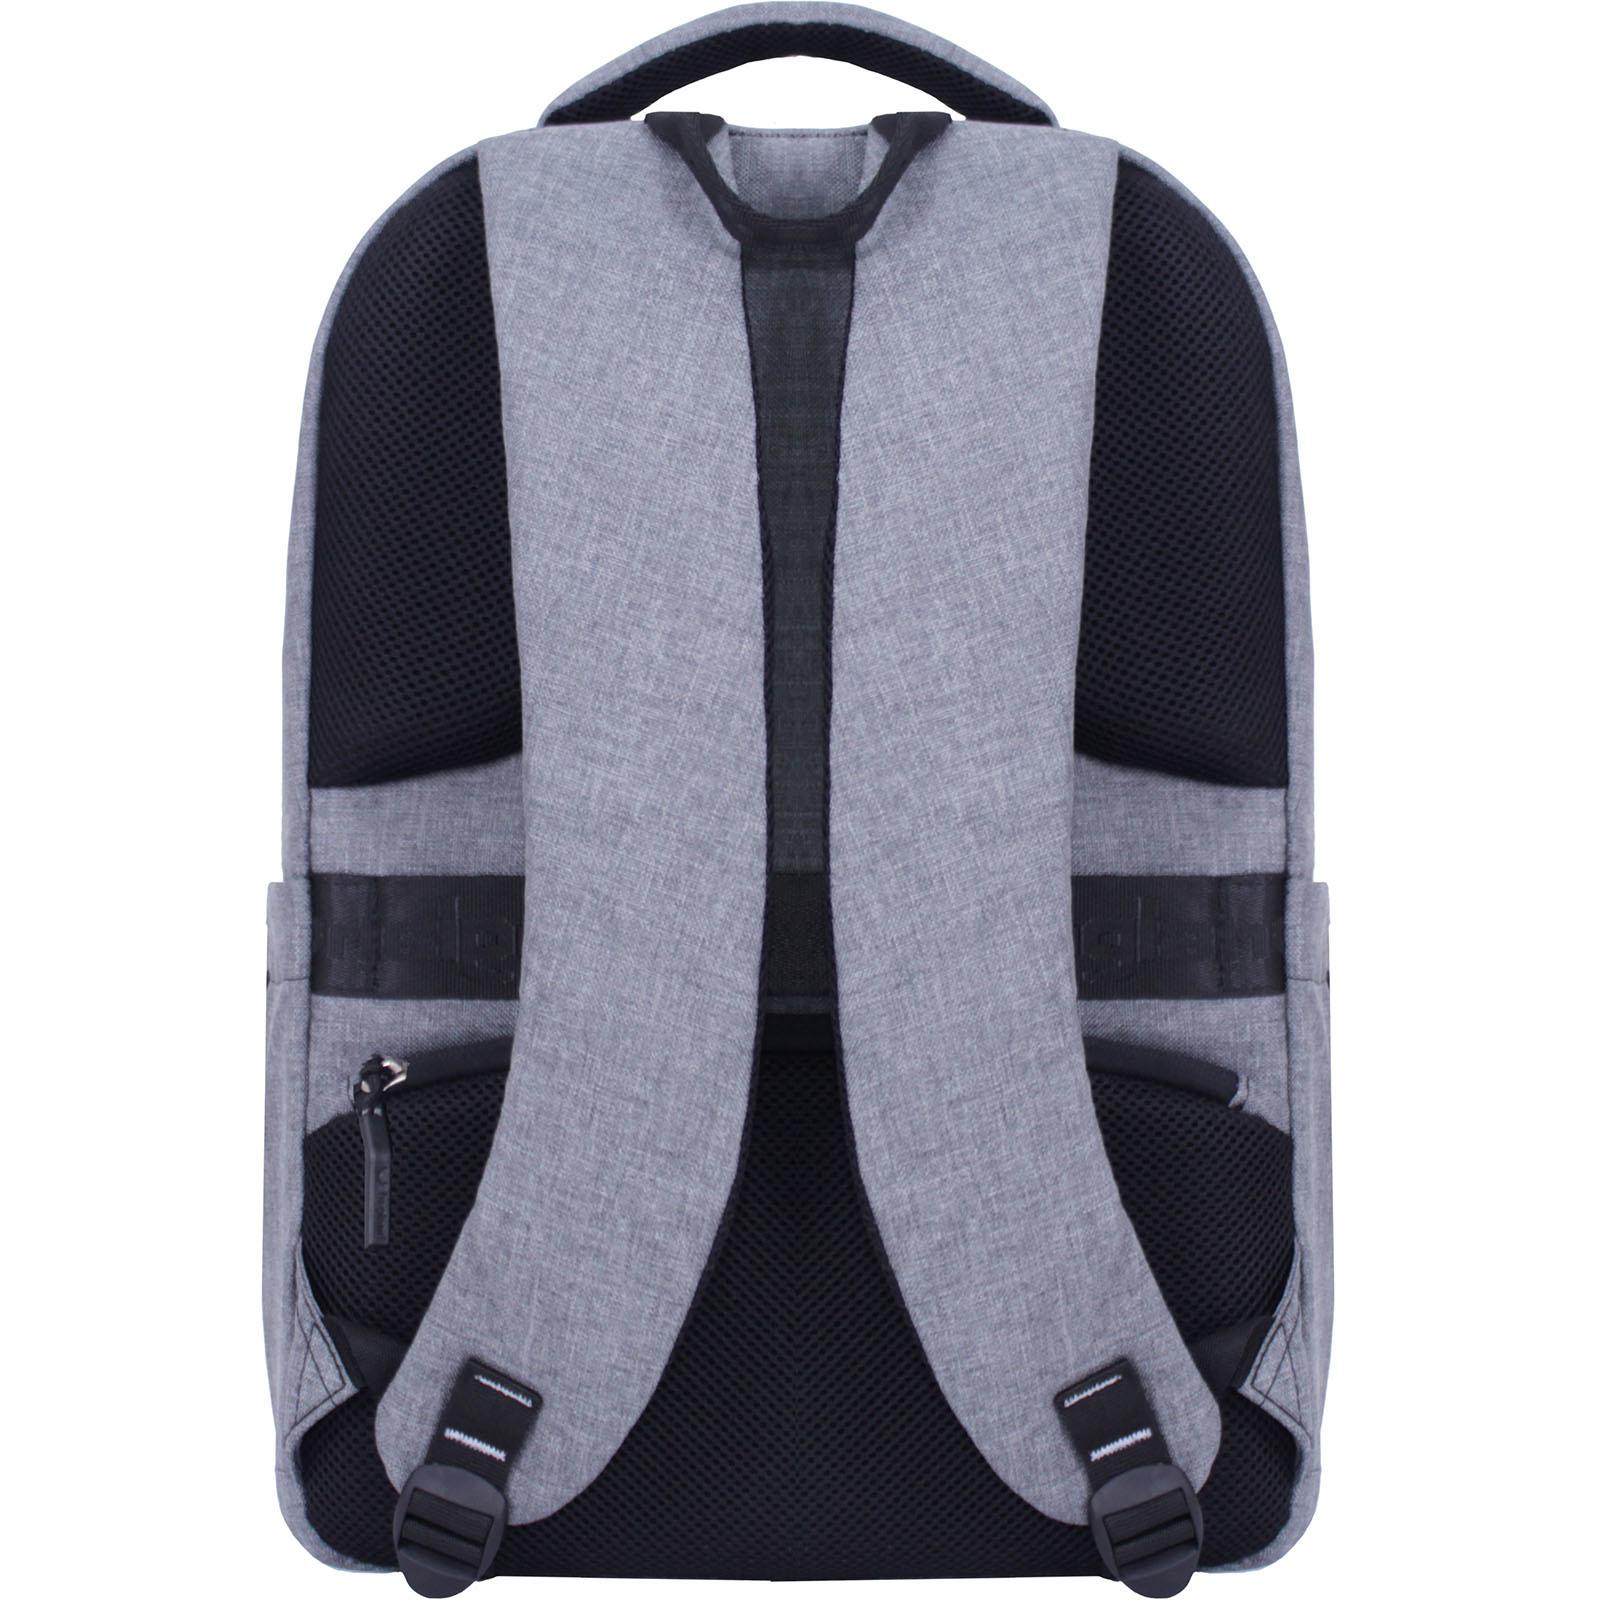 Рюкзак школьный Bagland STARK серый (0014366) фото 3